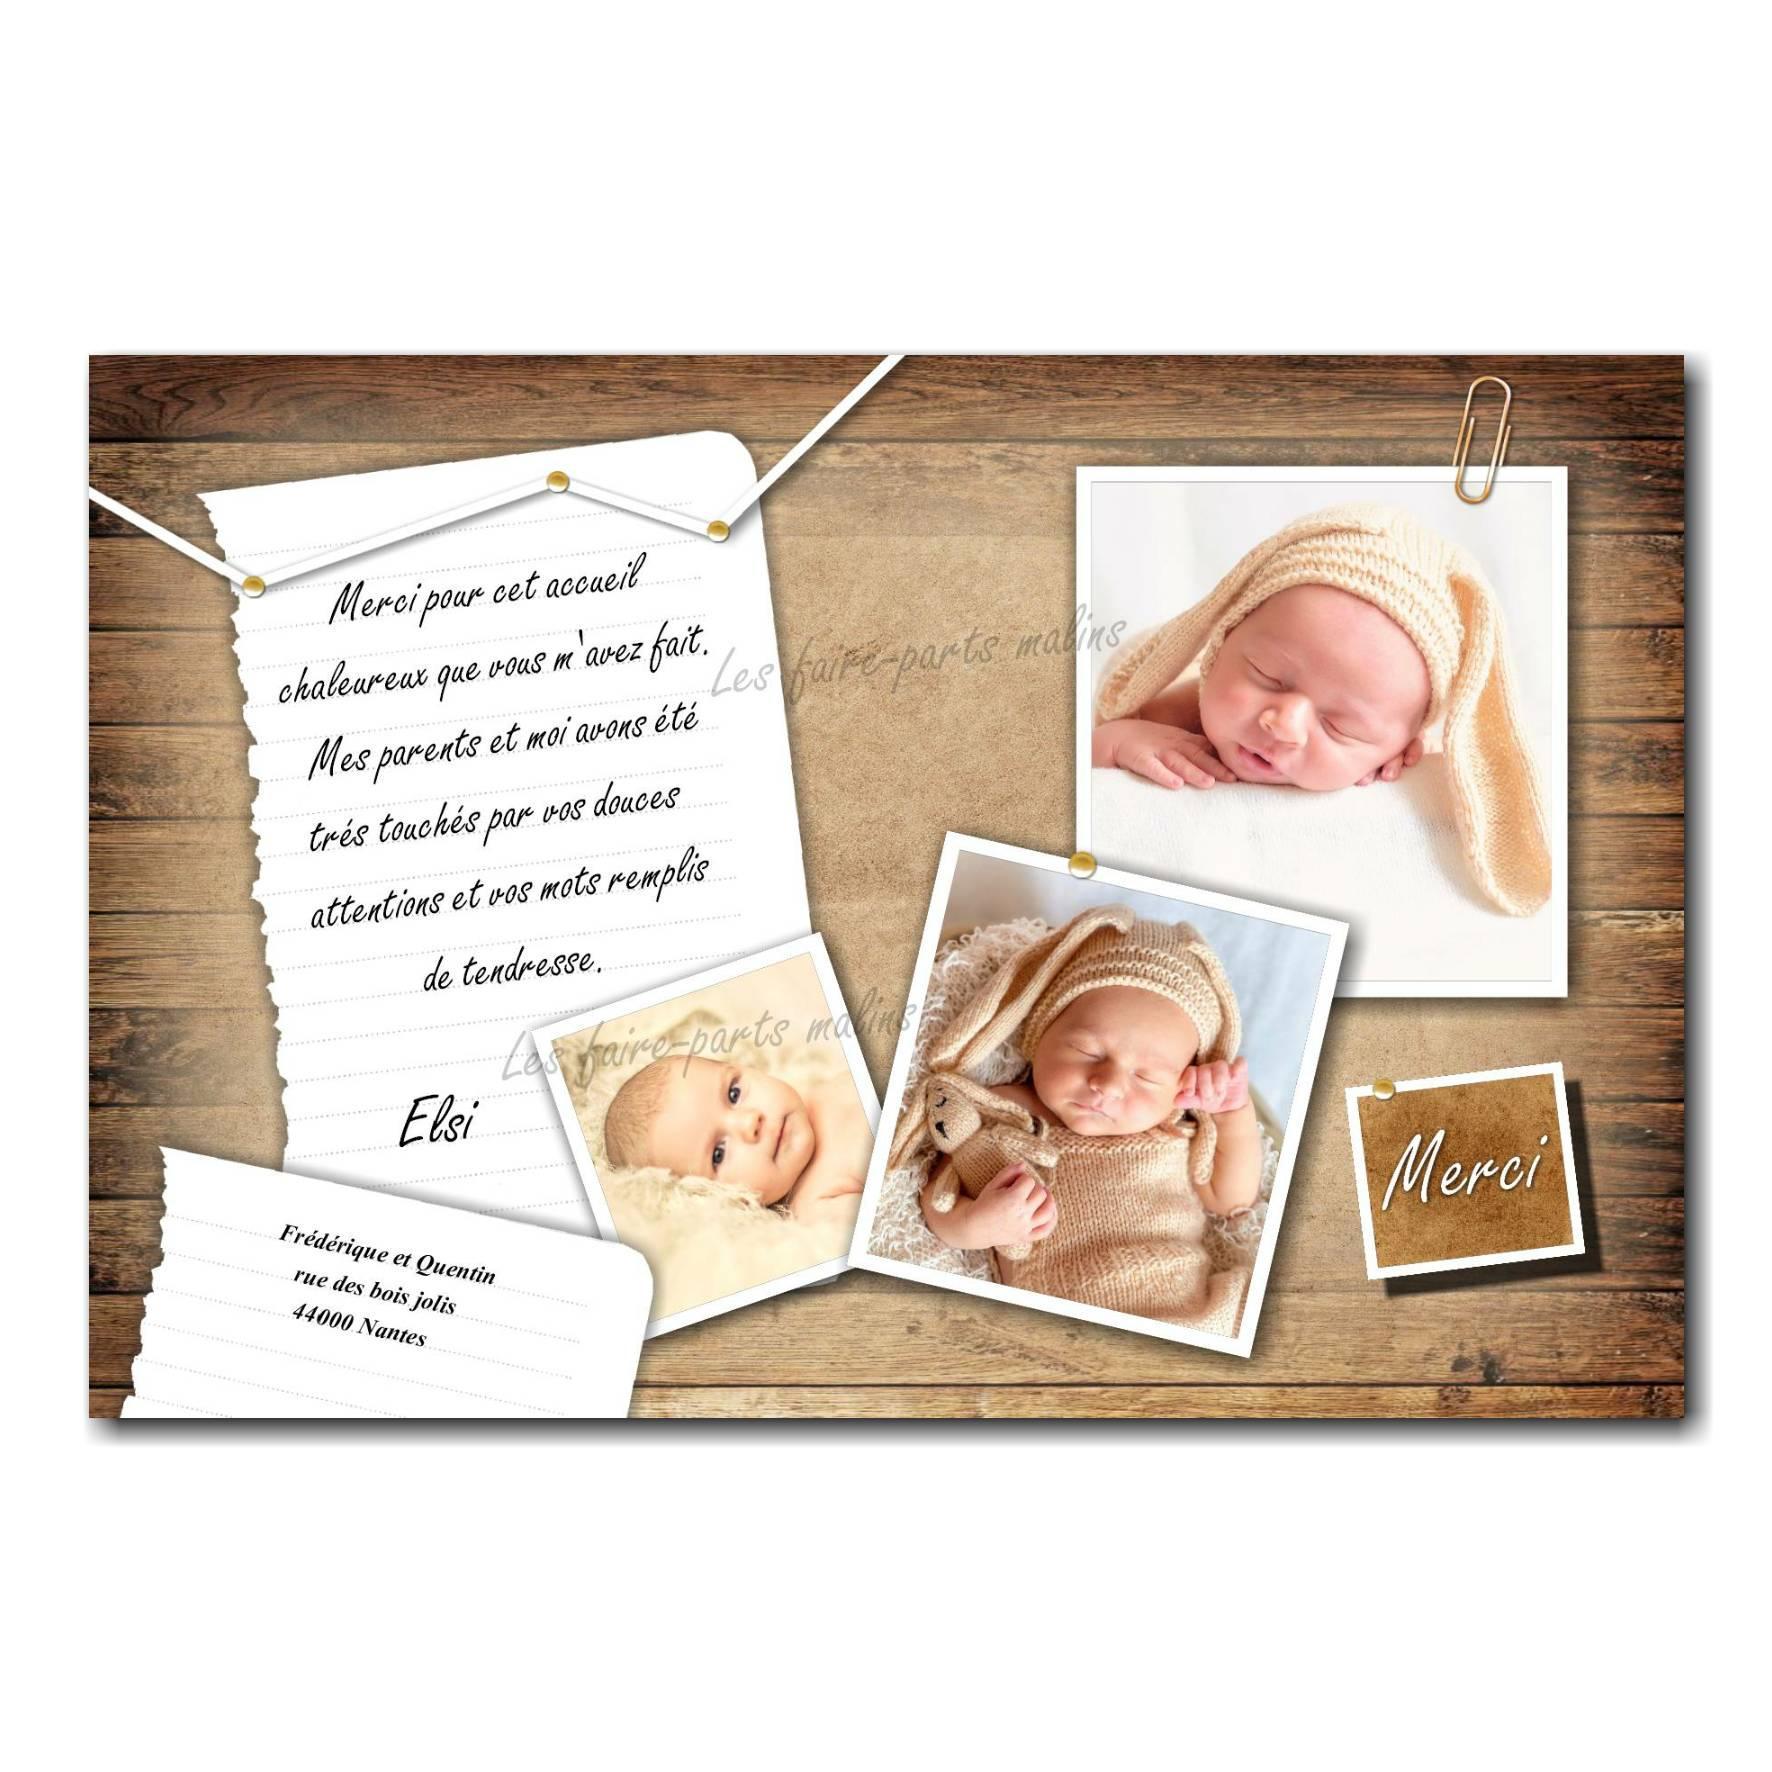 carte de remerciements feuille de papier épinglée sur bois